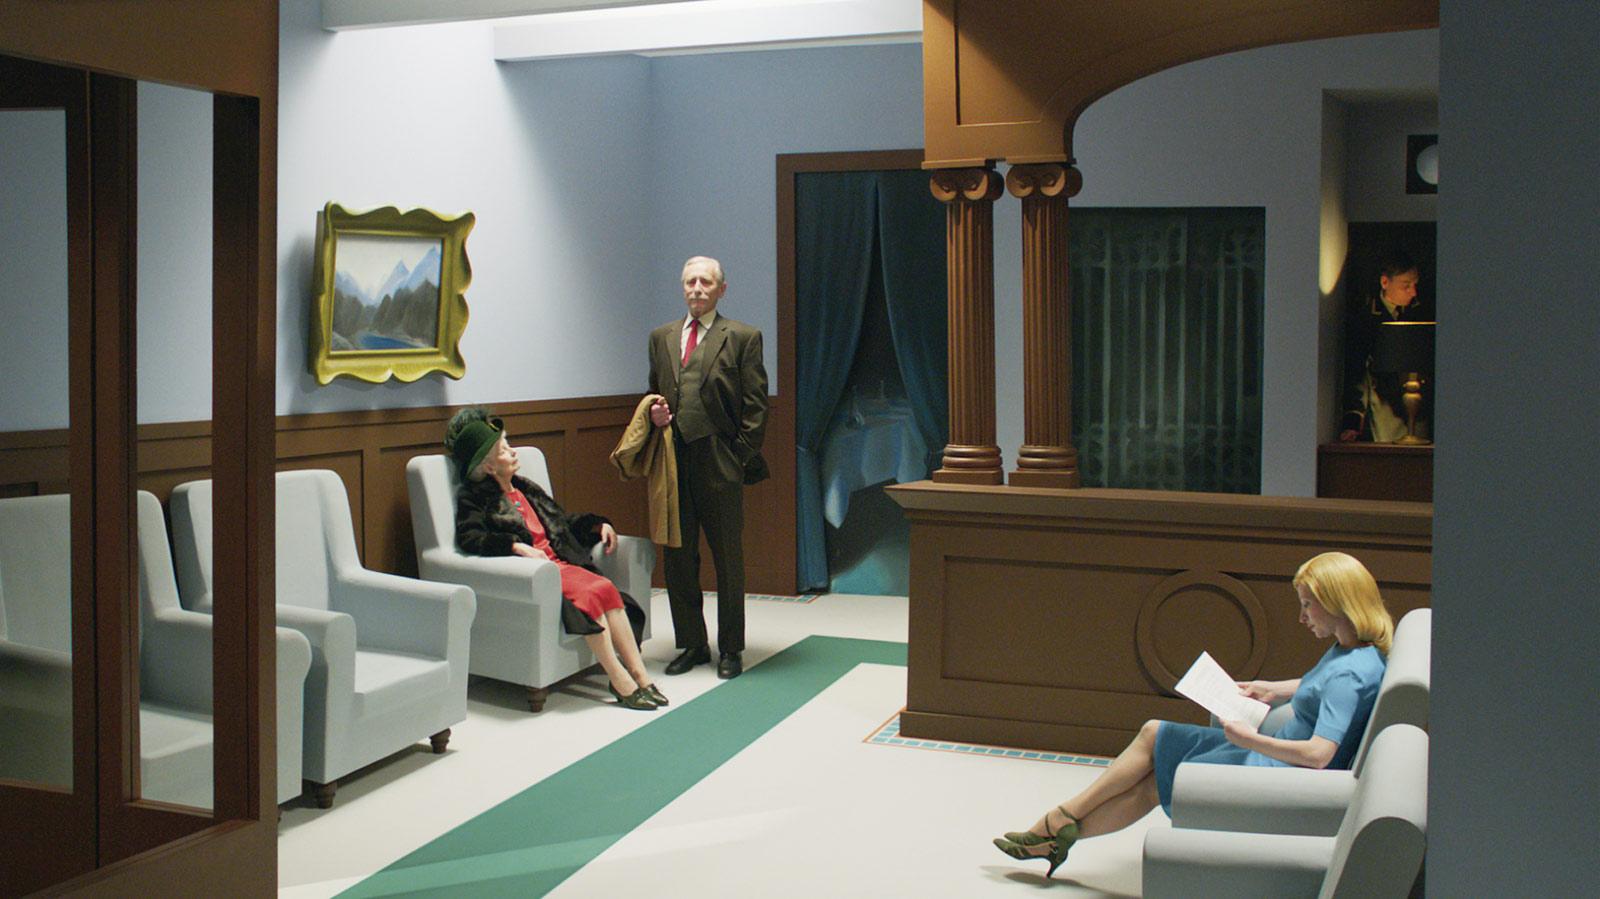 Photo du film Shirley, un voyage dans la peinture d'Edward Hopper - Photo 1 sur 8 - AlloCiné